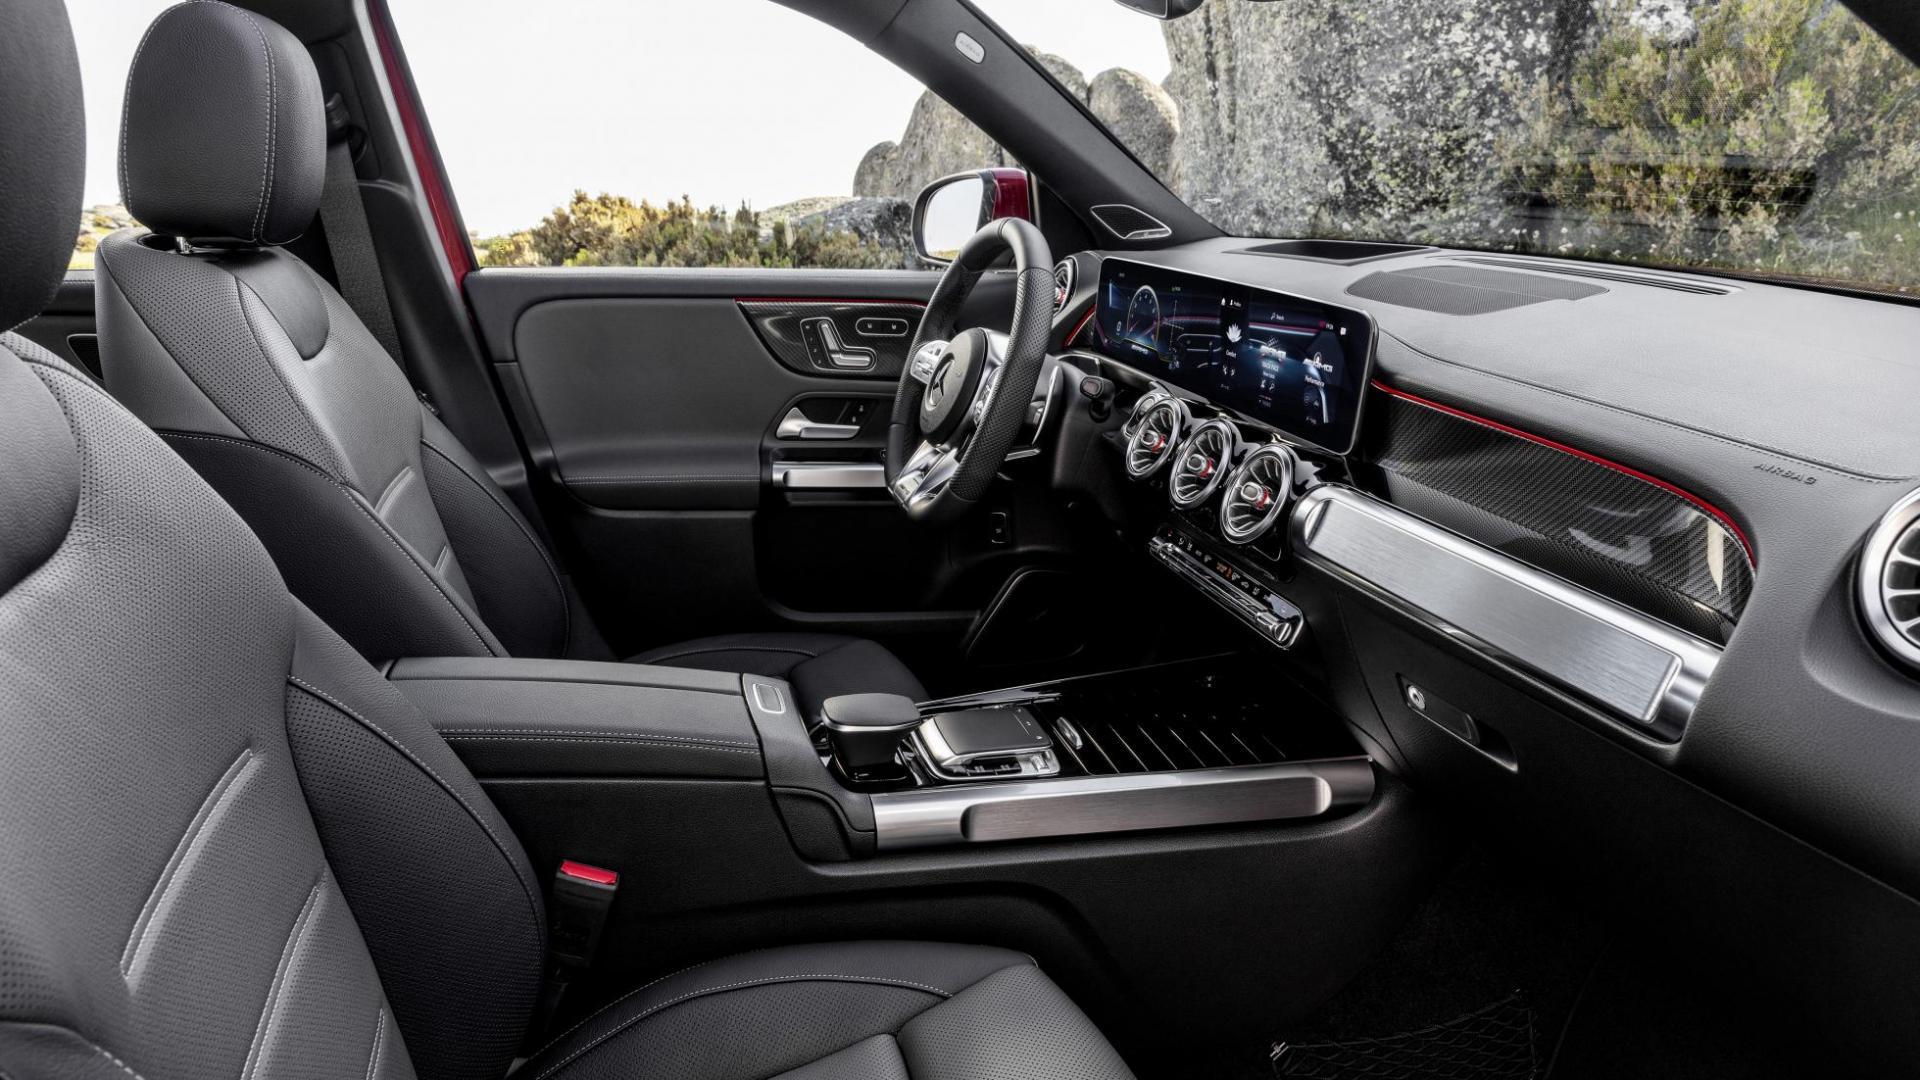 Mercedes-AMG GLB 35 2019